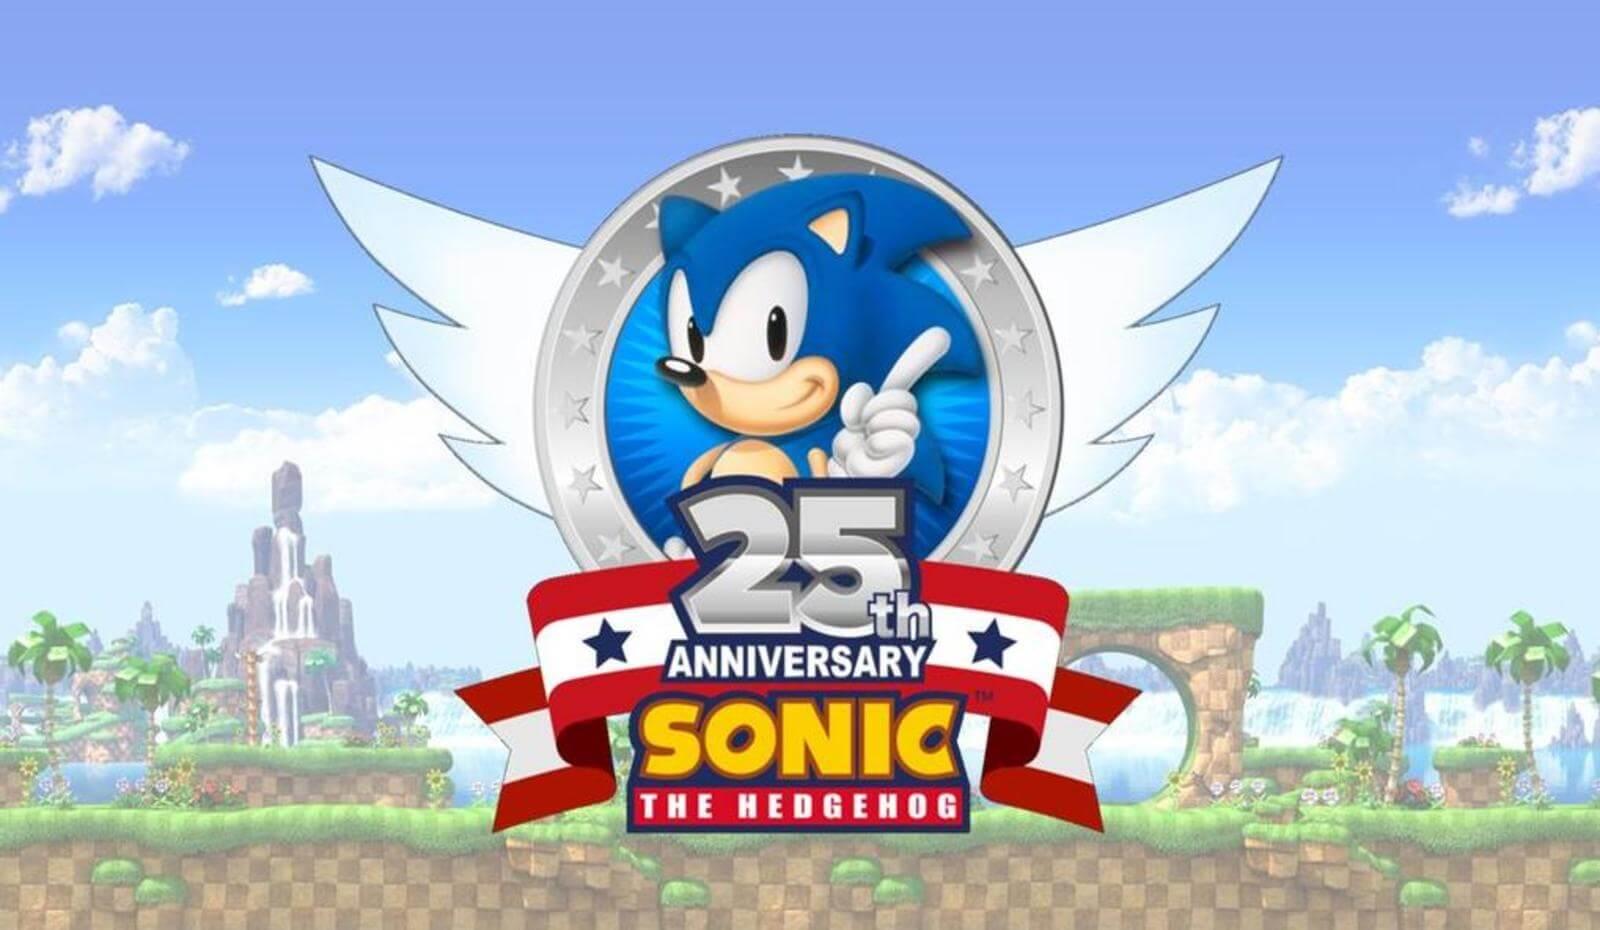 Das Sega-Maskottchen wird 25 Jahre alt - und bringt gleich zwei neue Spiele mit